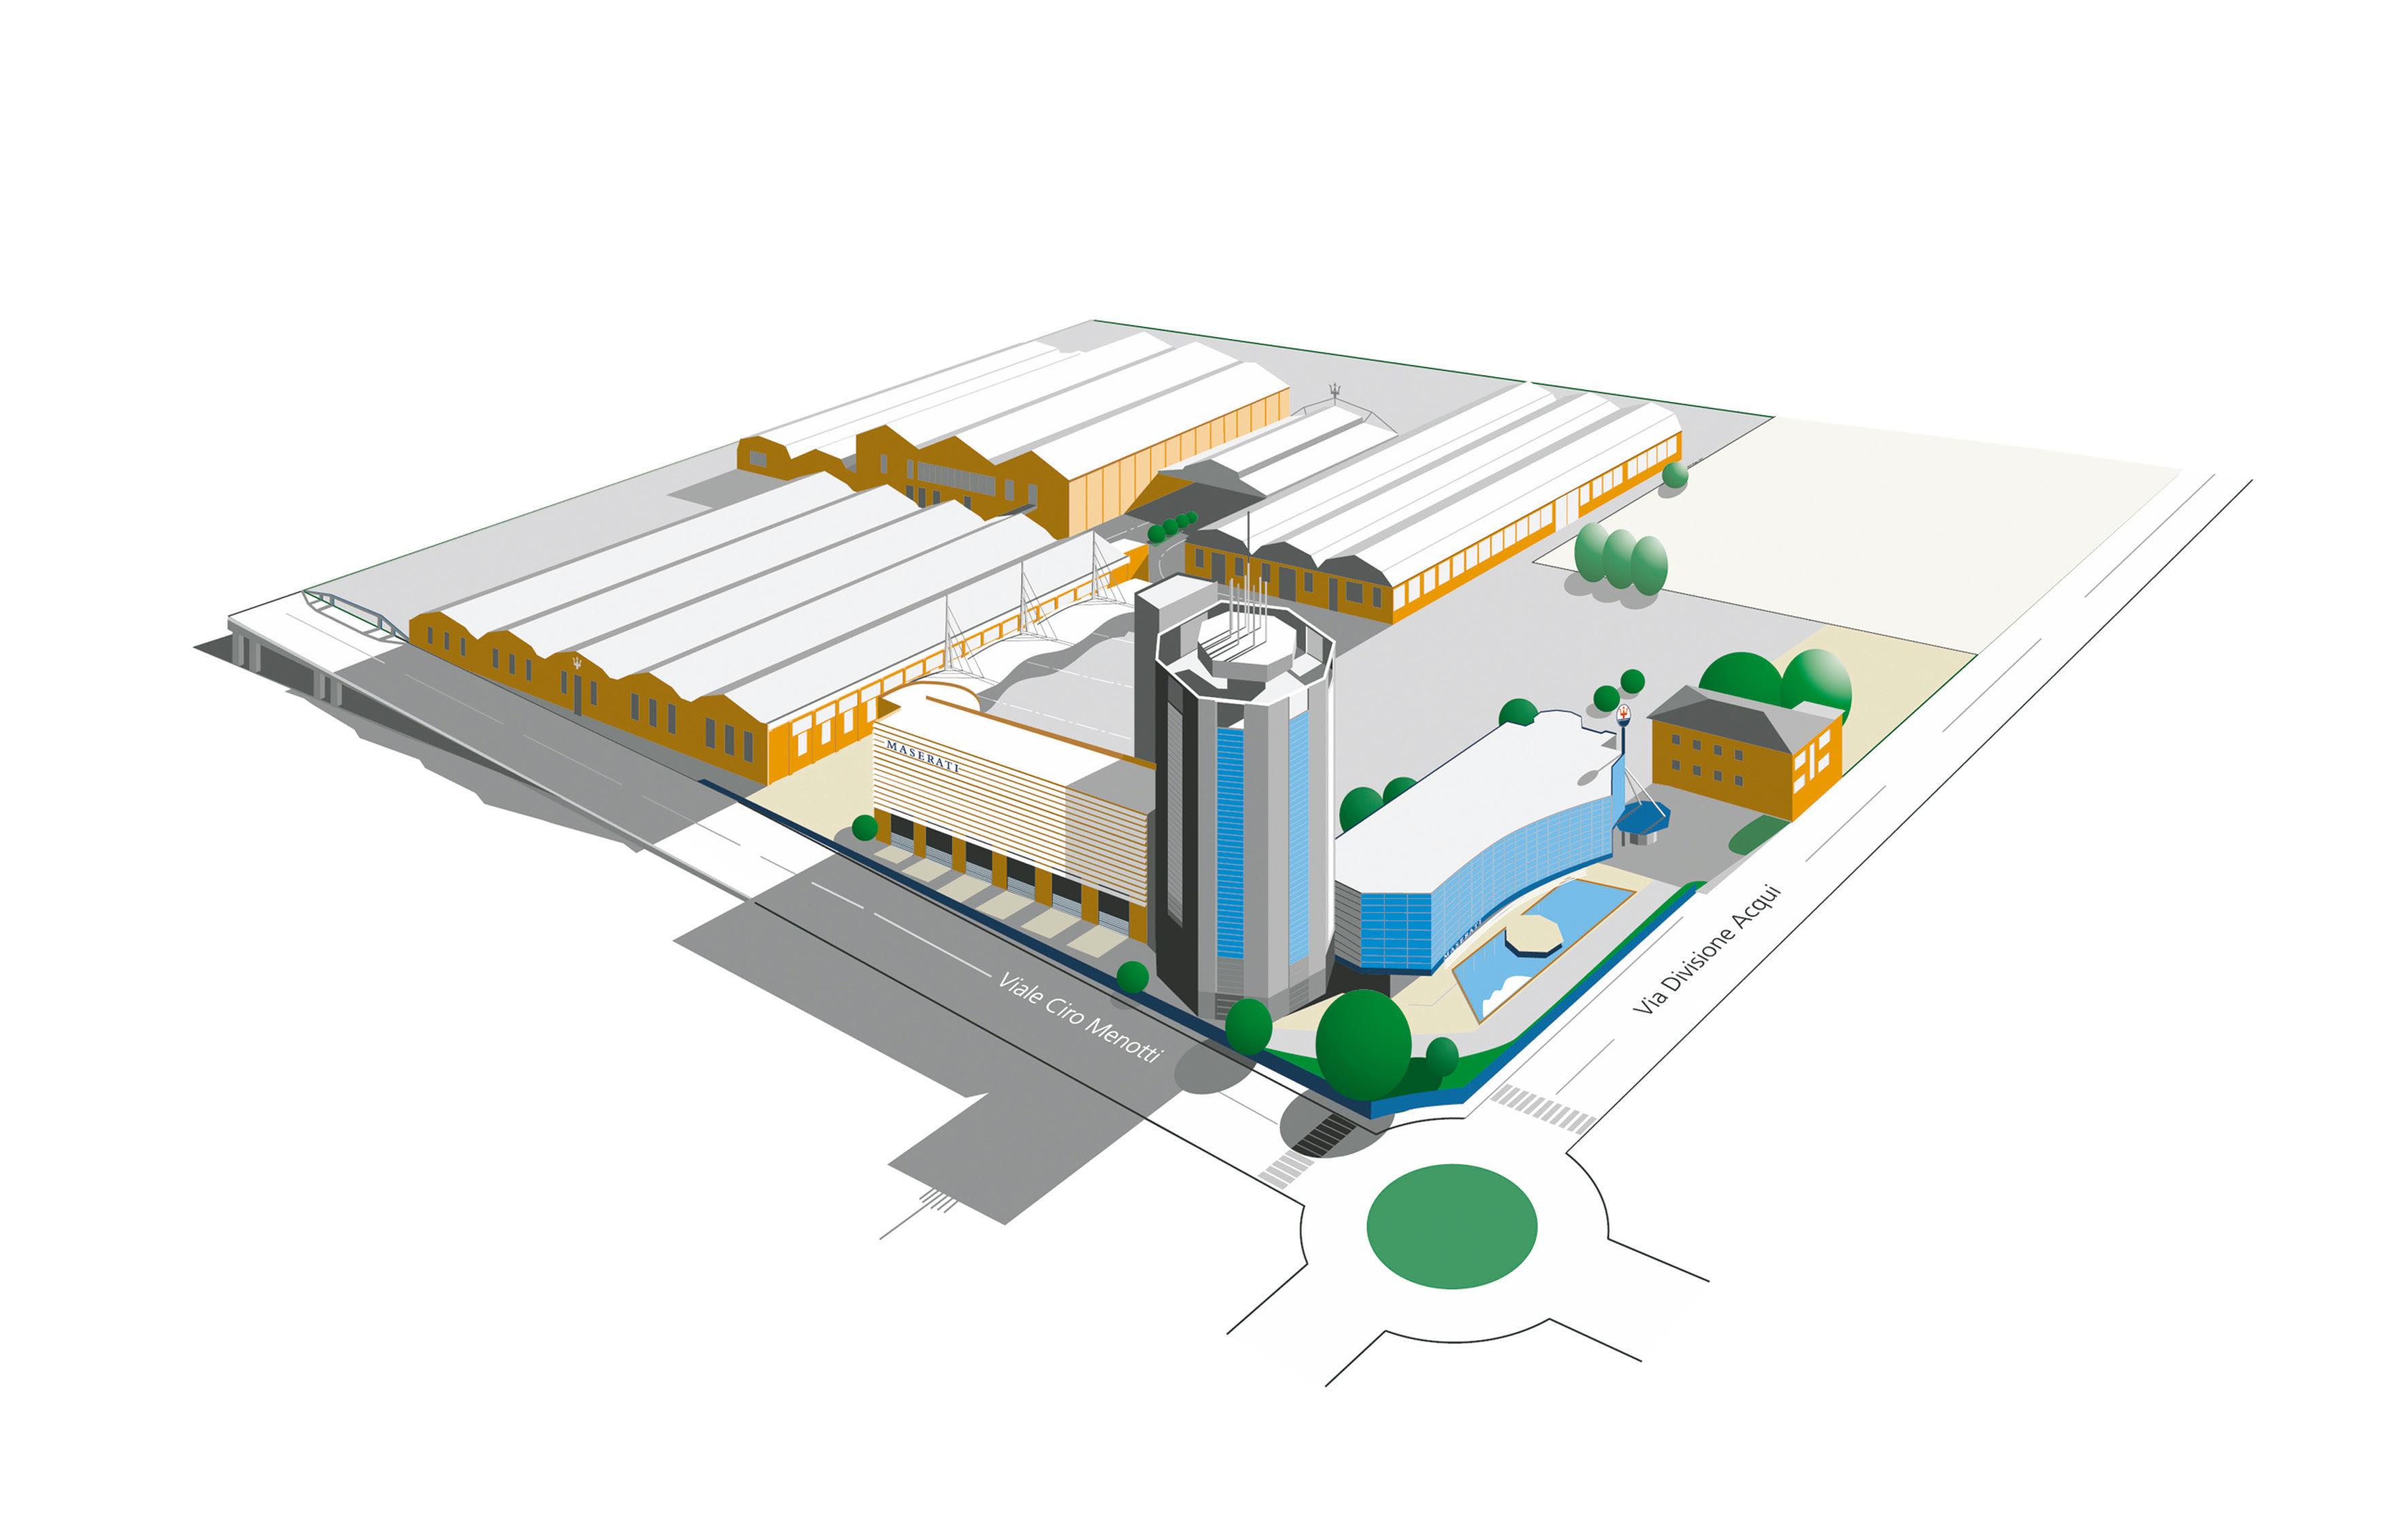 3d del progetto dei nuovi stabilimenti Maserati con Torre, Showroom e parcheggio.